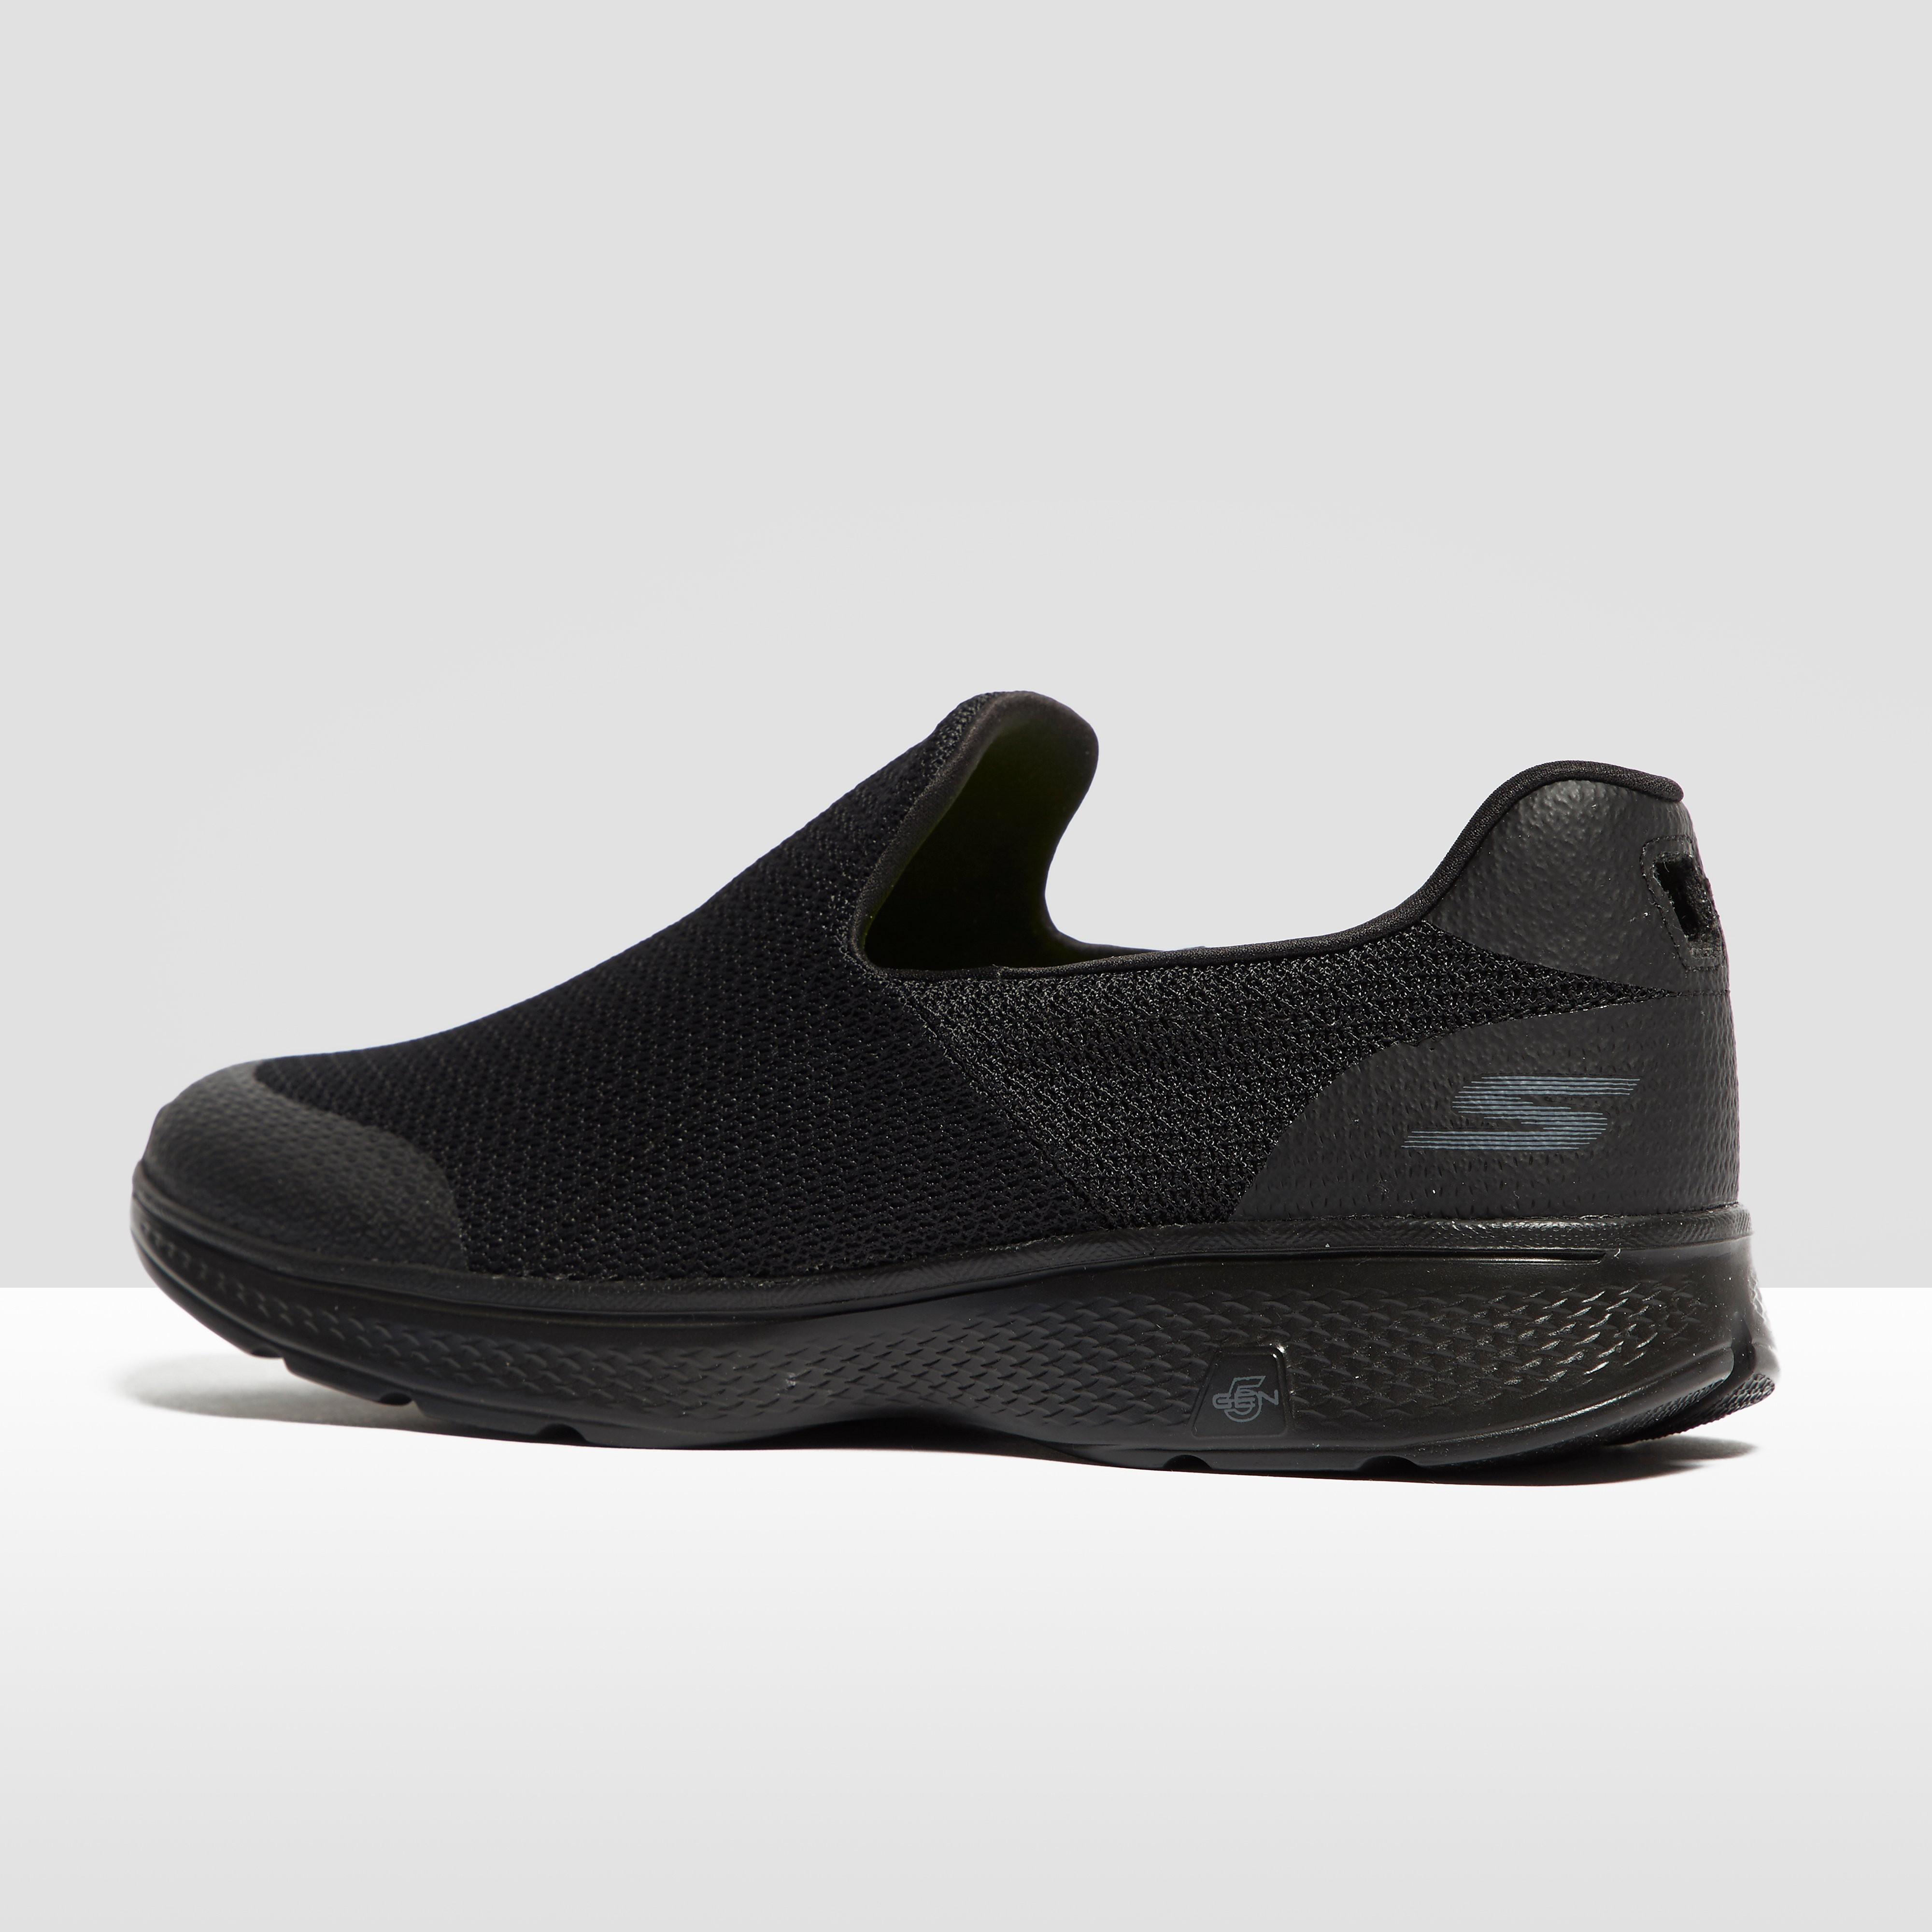 Skechers GOwalk 4- Kindle Men's Shoes